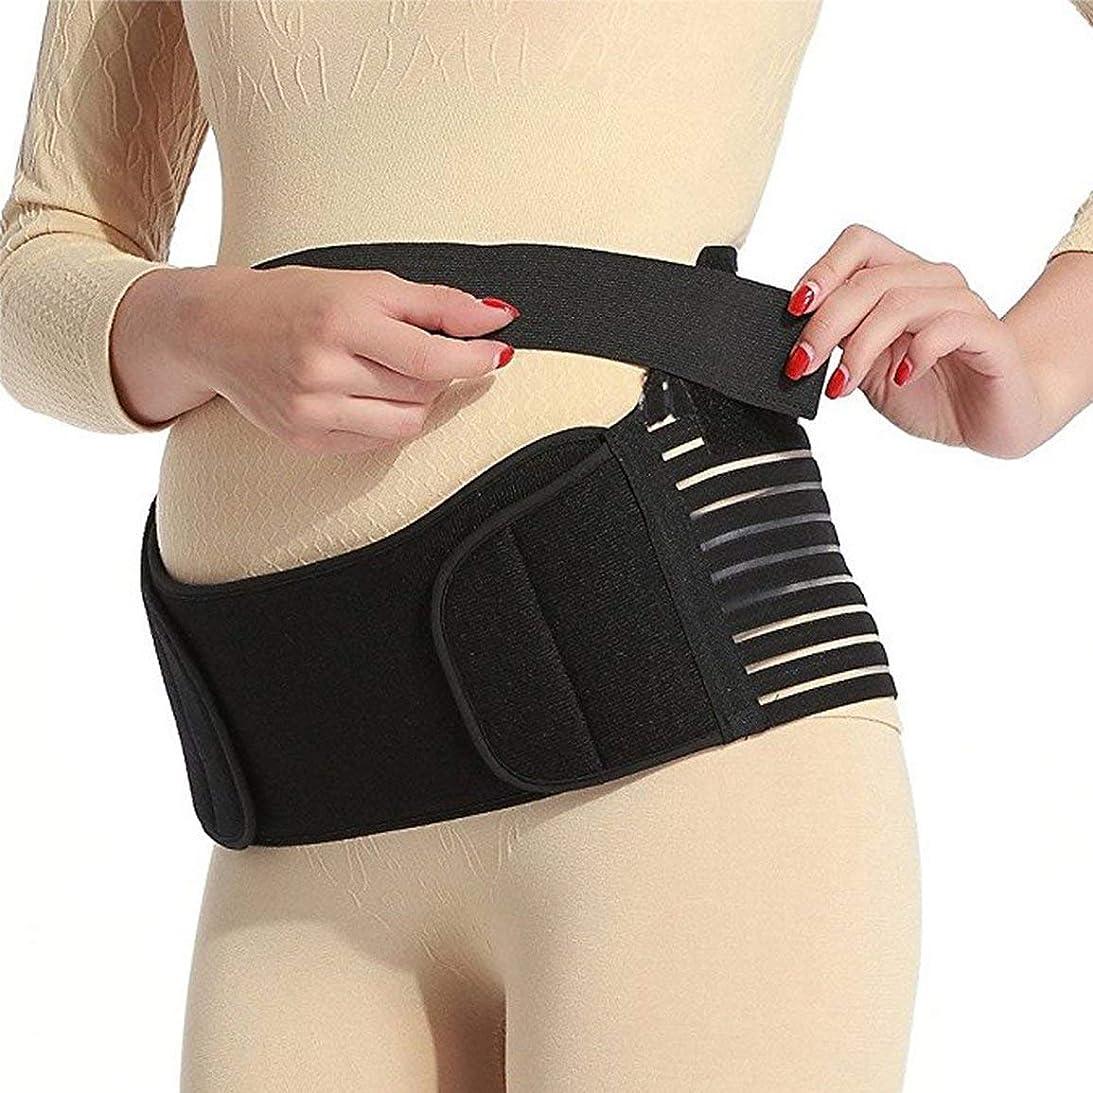 同一性暗唱する急性通気性マタニティベルト妊娠中の腹部サポート腹部バインダーガードル運動包帯産後の回復shapewear - ブラックM